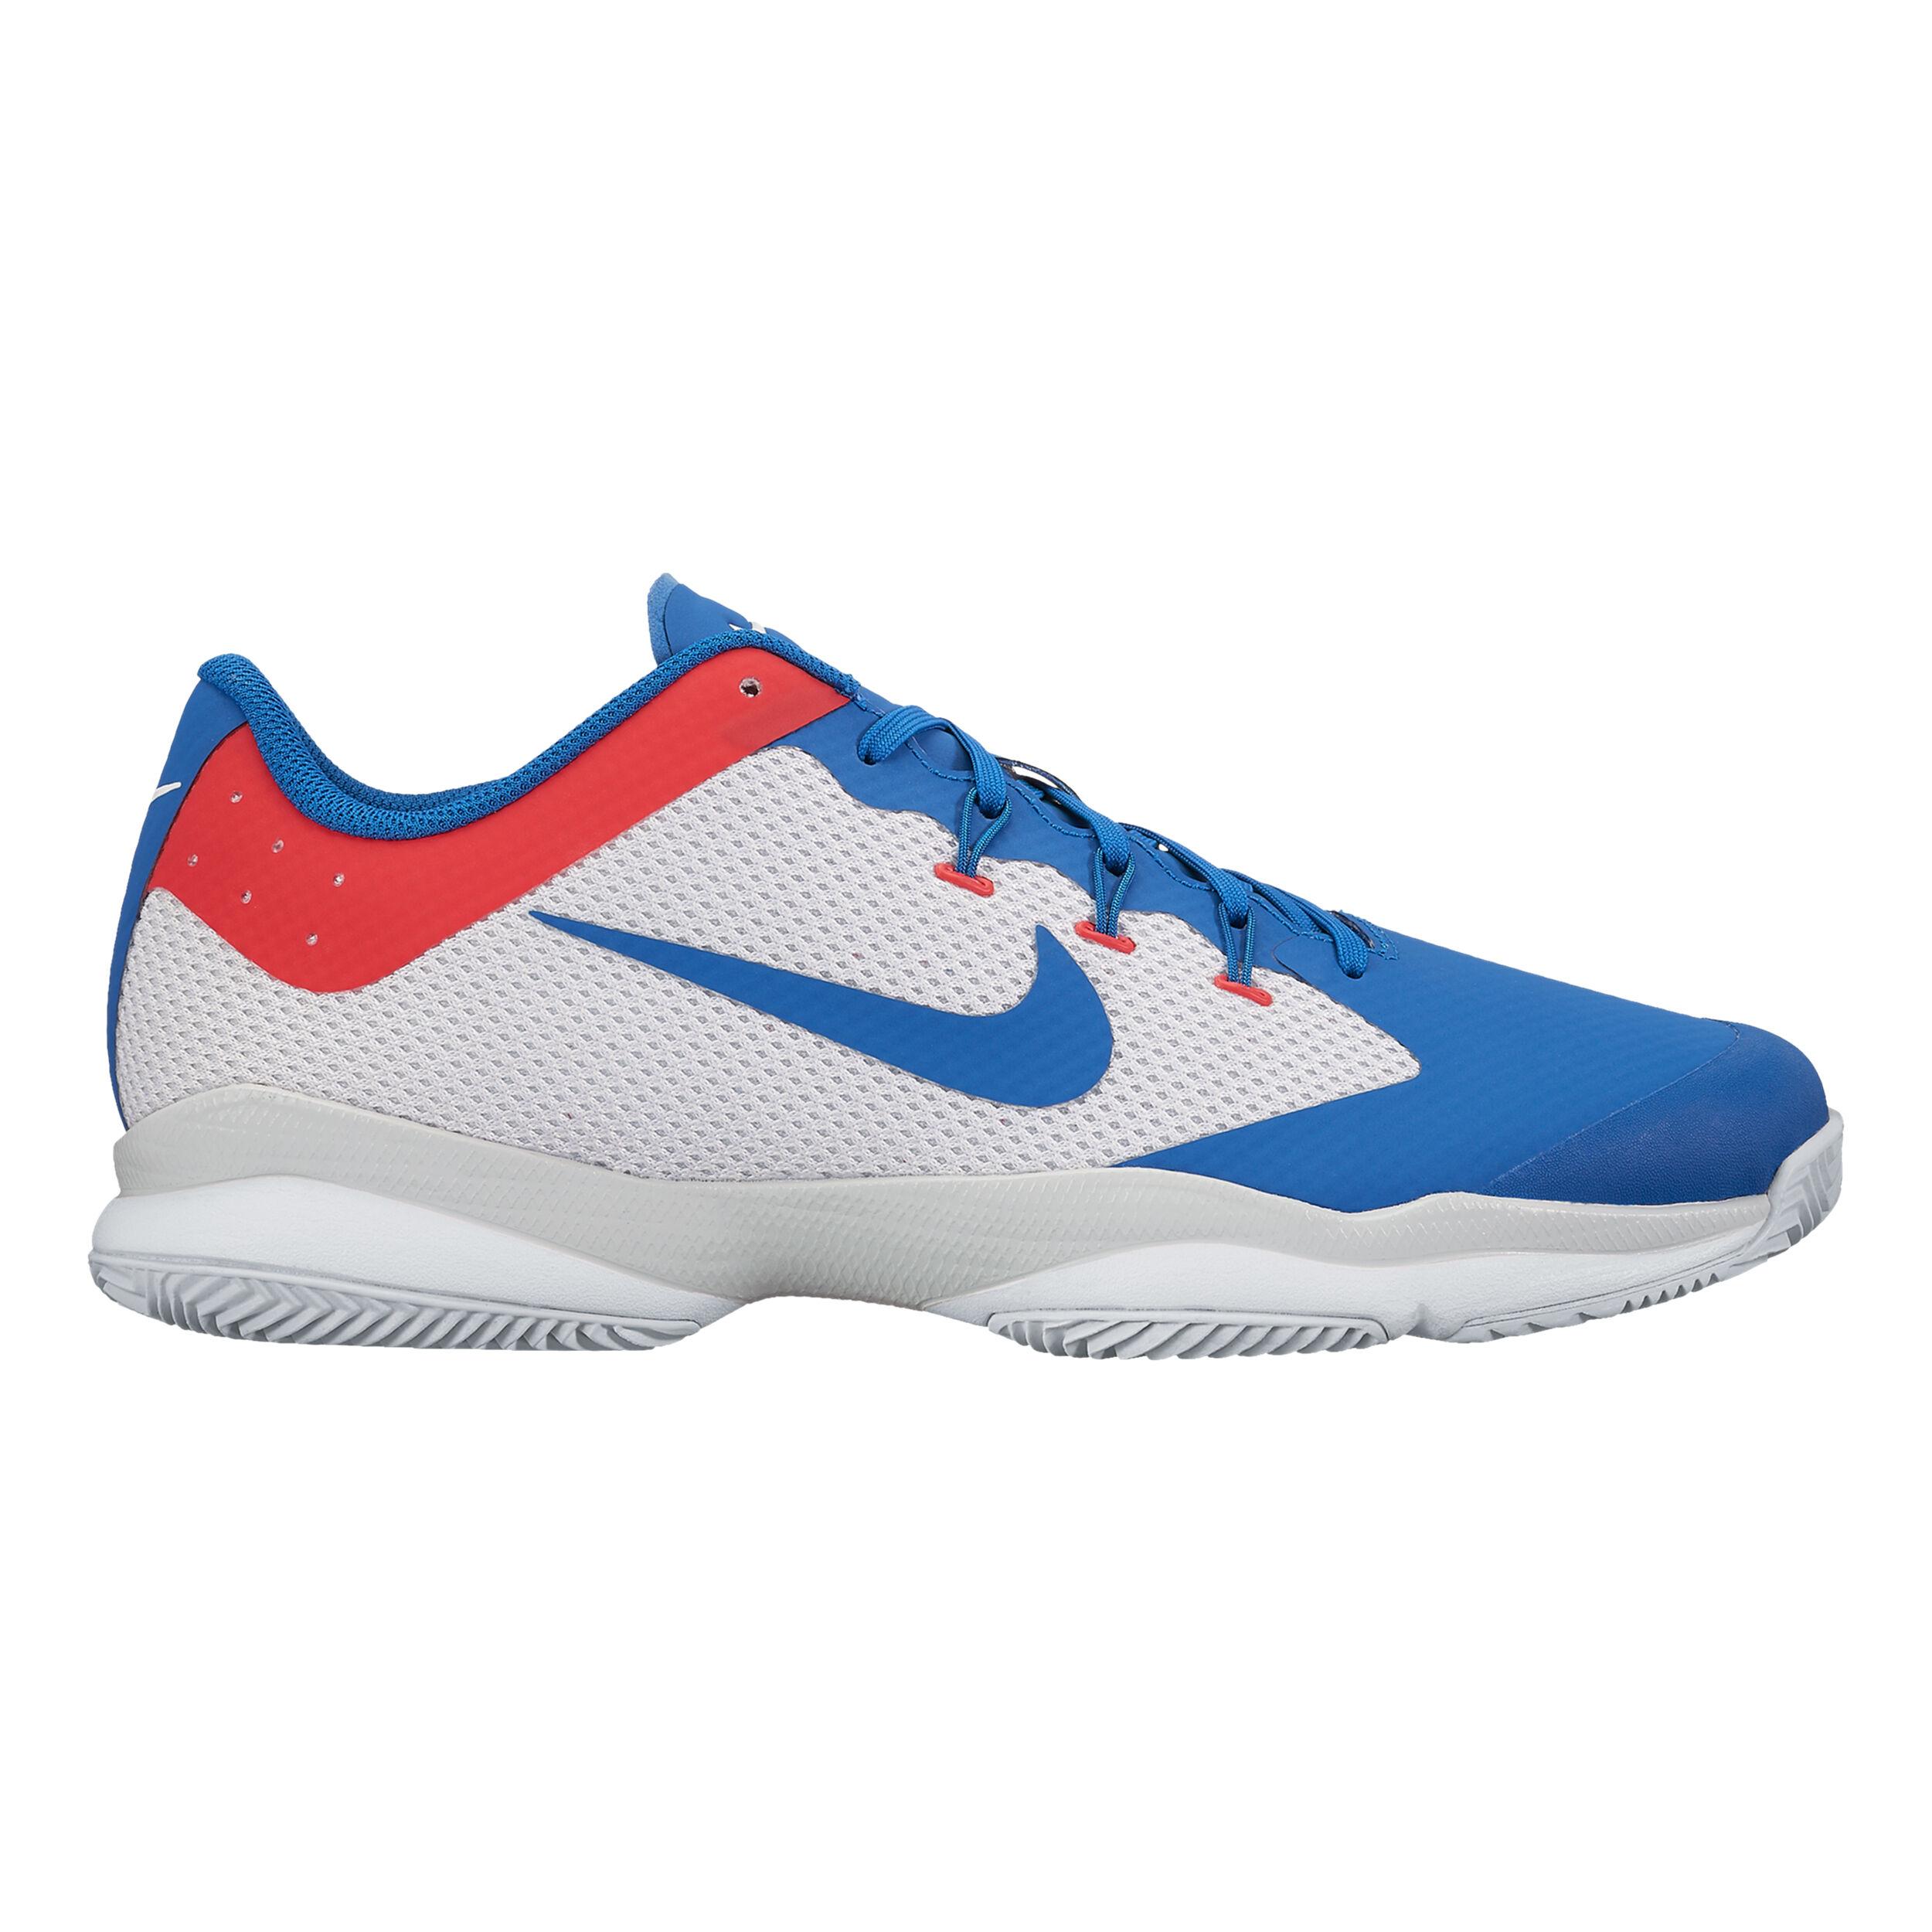 WeißBlau Nike Clay Sandplatzschuh Herren Zoom Air Ultra rdeWCBxo